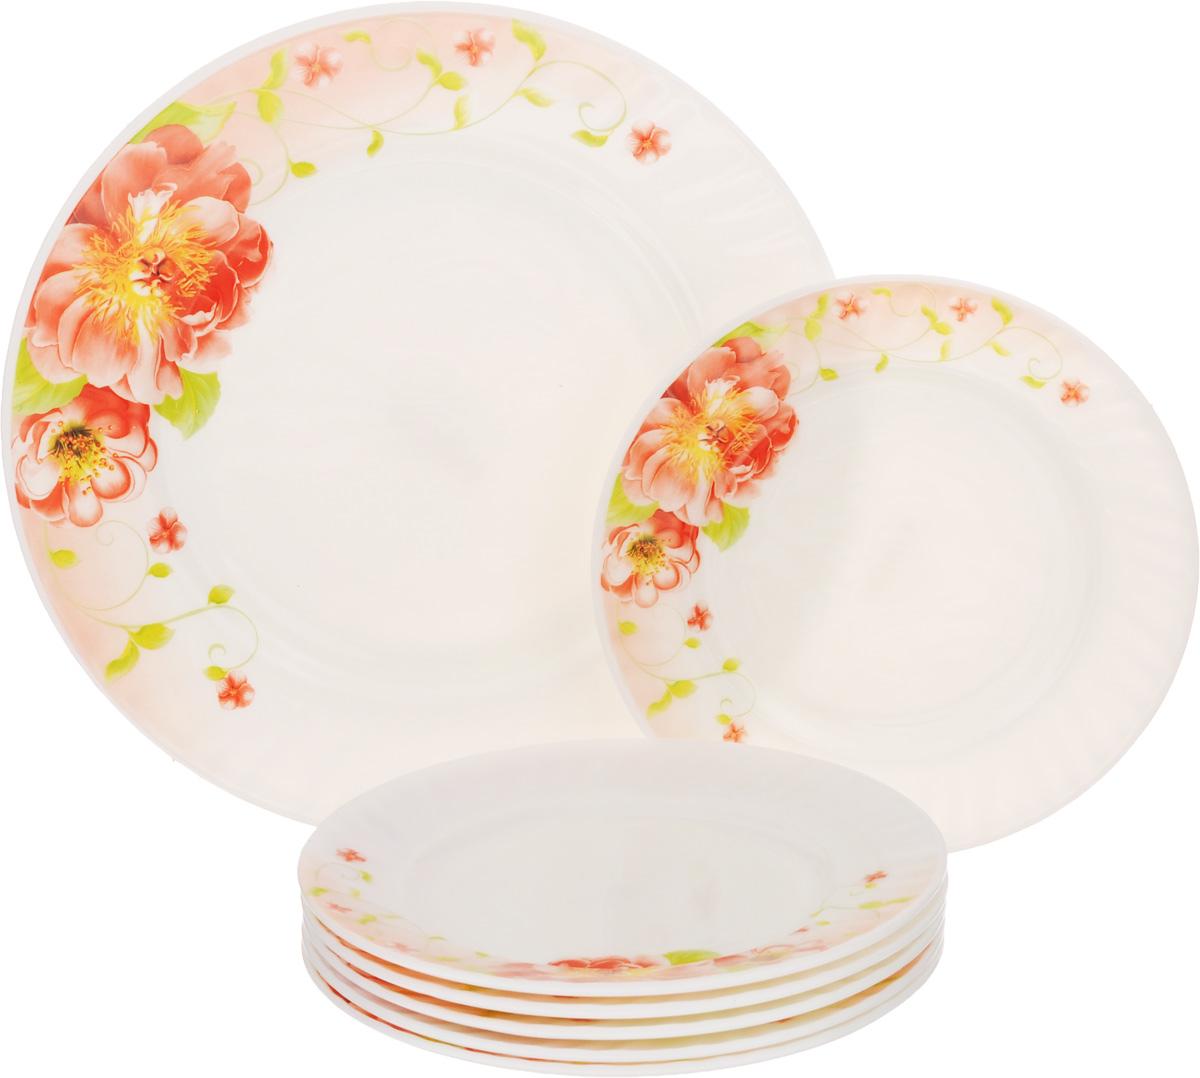 Набор тарелок Loraine, 7 шт23686Набор тарелок Loraine, выполненный из высококачественного стекла, состоит из семи тарелок:одно большое блюдо и шесть десертных тарелок. Изделия украшены изображением цветов,сочетающие в себе изысканный дизайн с максимальной функциональностью. Данный наборпредназначен для красивой сервировки различных блюд. Оригинальность оформления придется по вкусу и ценителям классики, и тем, кто предпочитаетутонченность и изящность. Можно использовать в холодильной камере и в микроволновой печи. Можно мыть впосудомоечной машине.Диаметр большого блюда: 25 см.Высота большого блюда: 2 см.Диаметр десертных тарелок: 18 см.Высота десертных тарелок: 1,5 см.